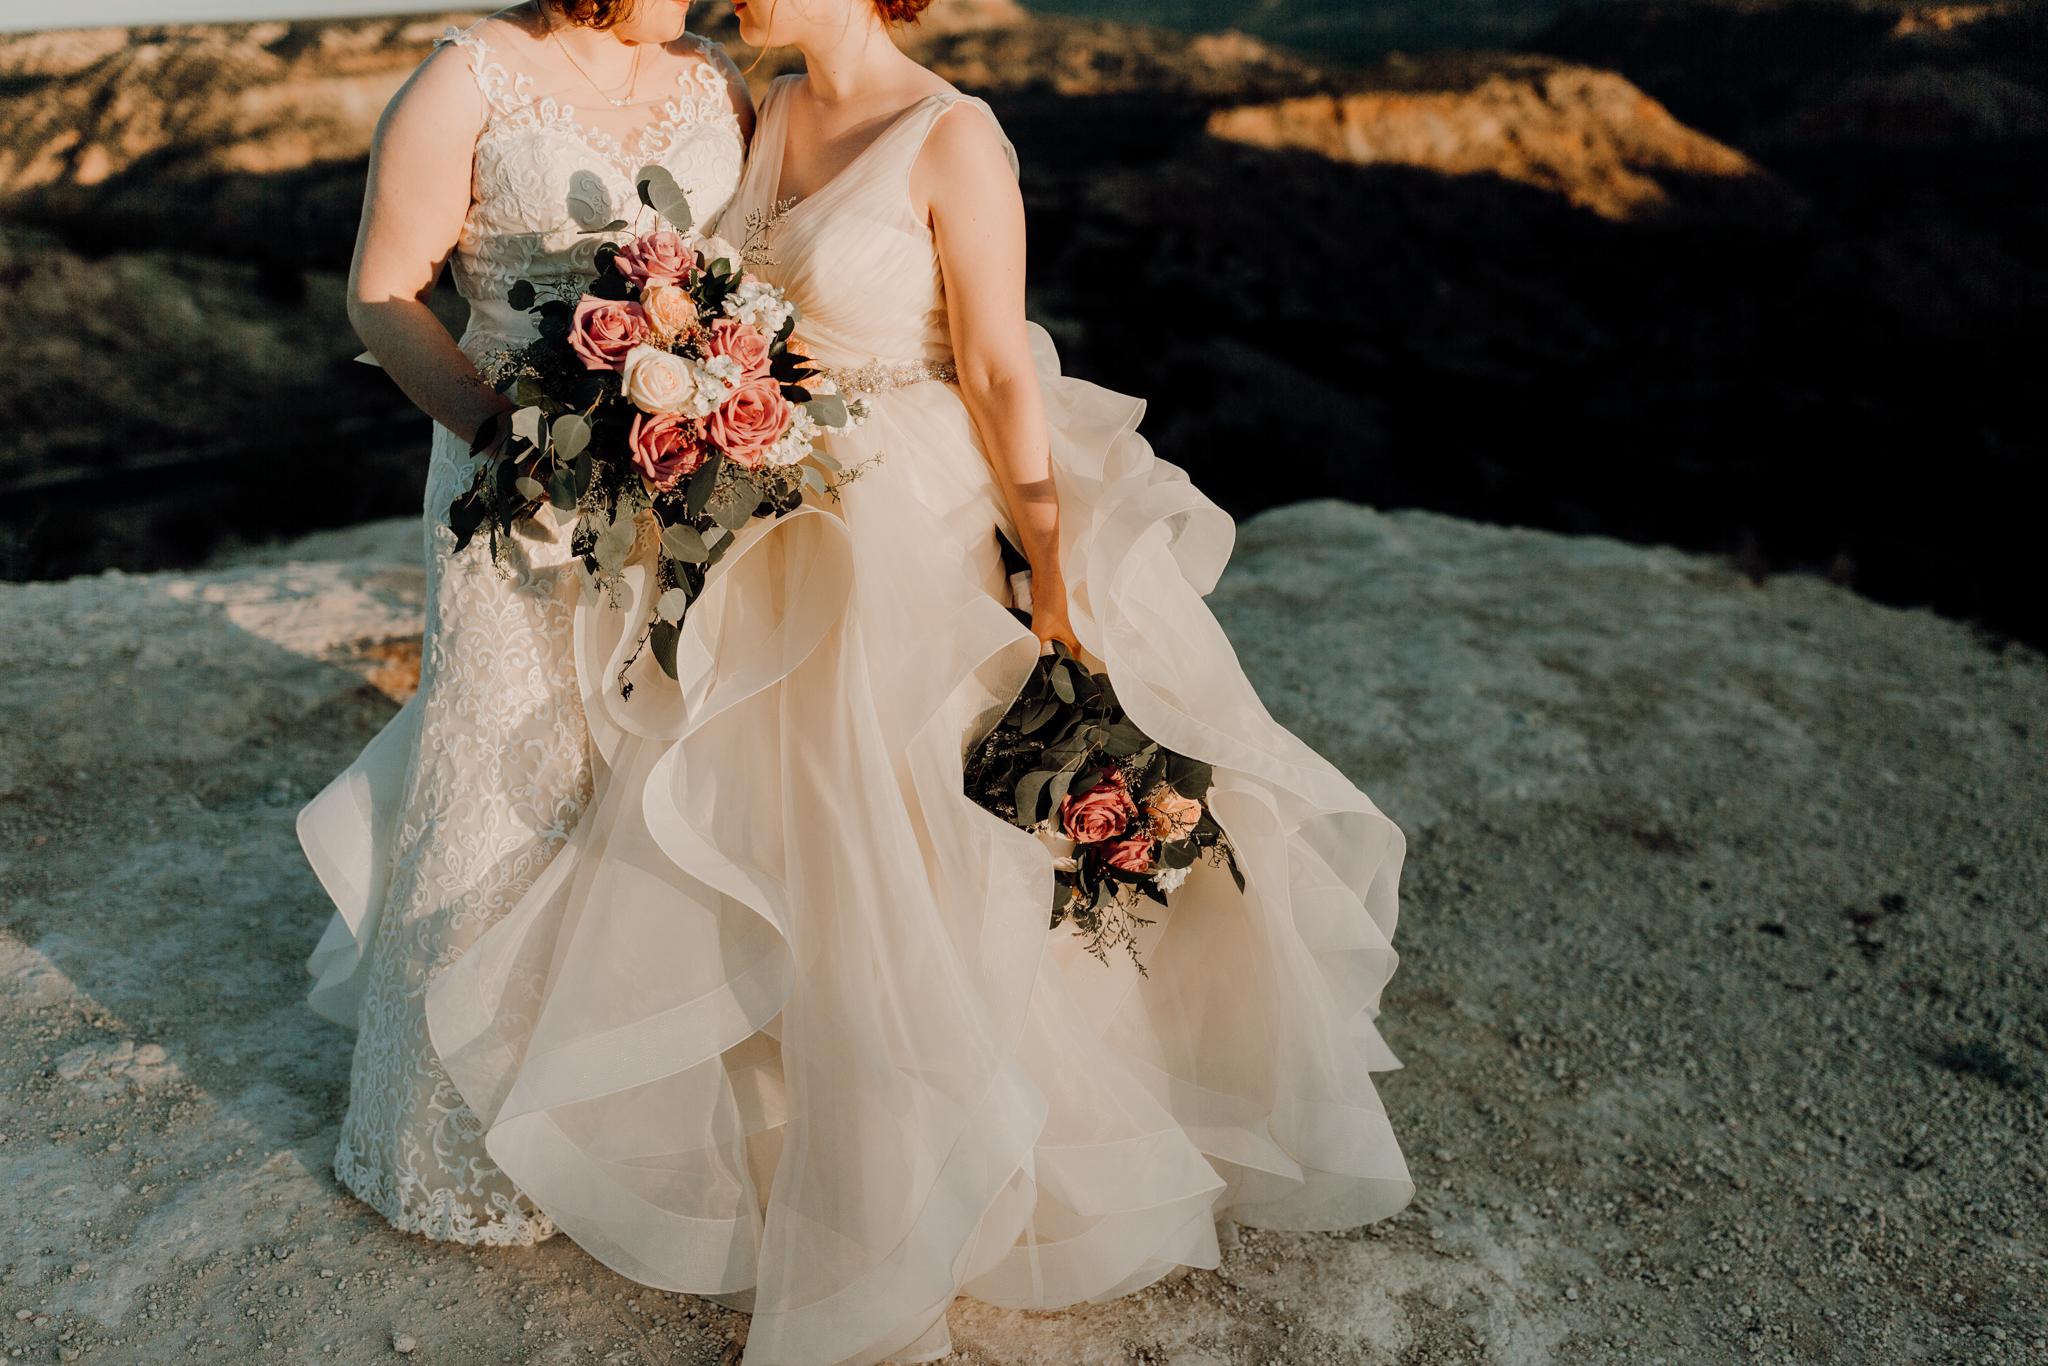 Texas Wedding Photographer-Palo Duro Canyon Sam Sex Wedding- Houston Wedding Photographer -Kristen Giles Photography-31.jpg